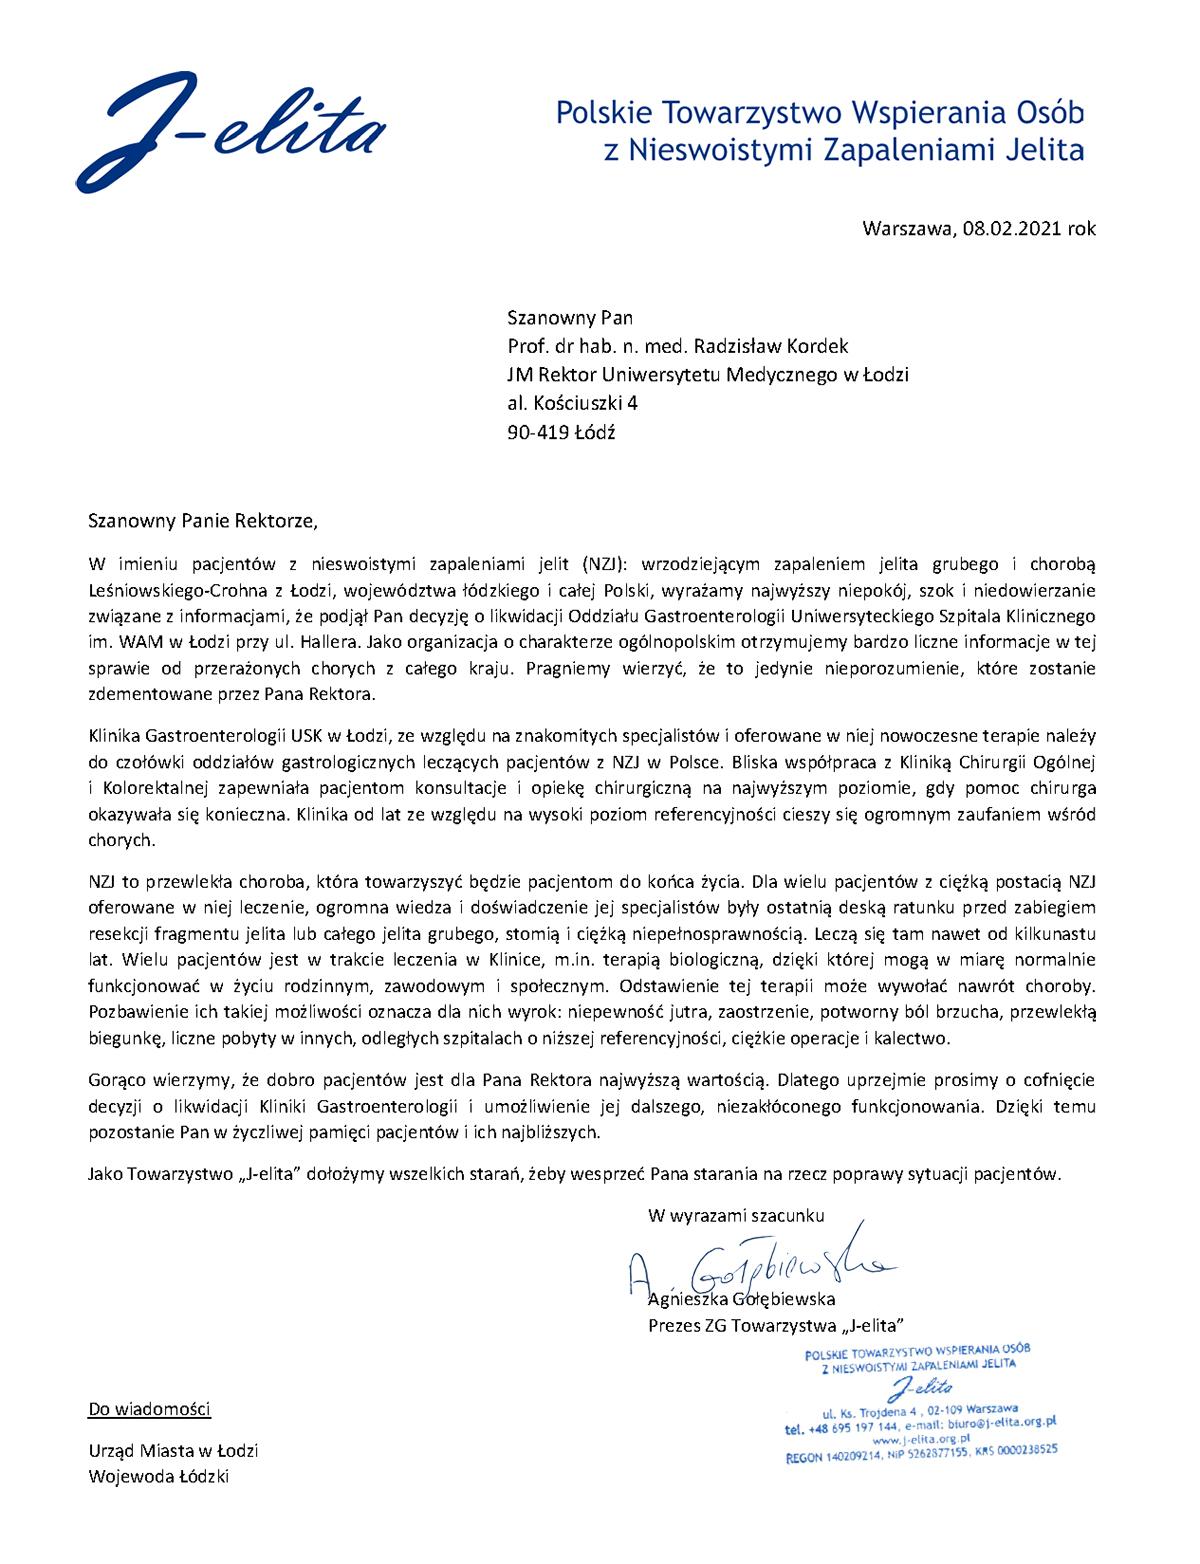 Apel doJM Rektora ws likwidacji Kliniki Gastroenterologii wŁodzi